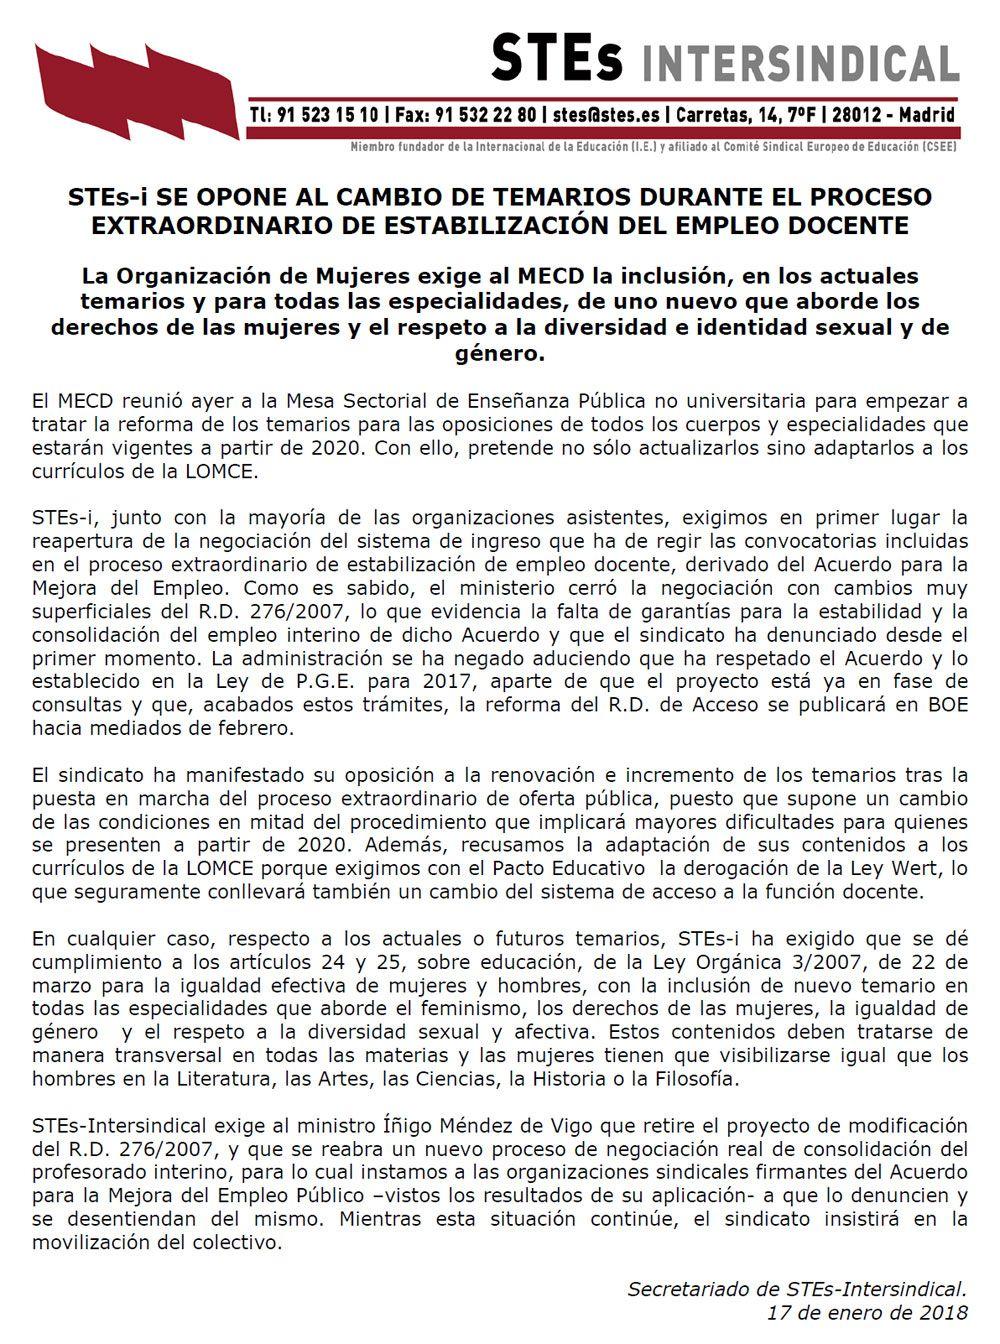 180117_Temarios_oposiciones